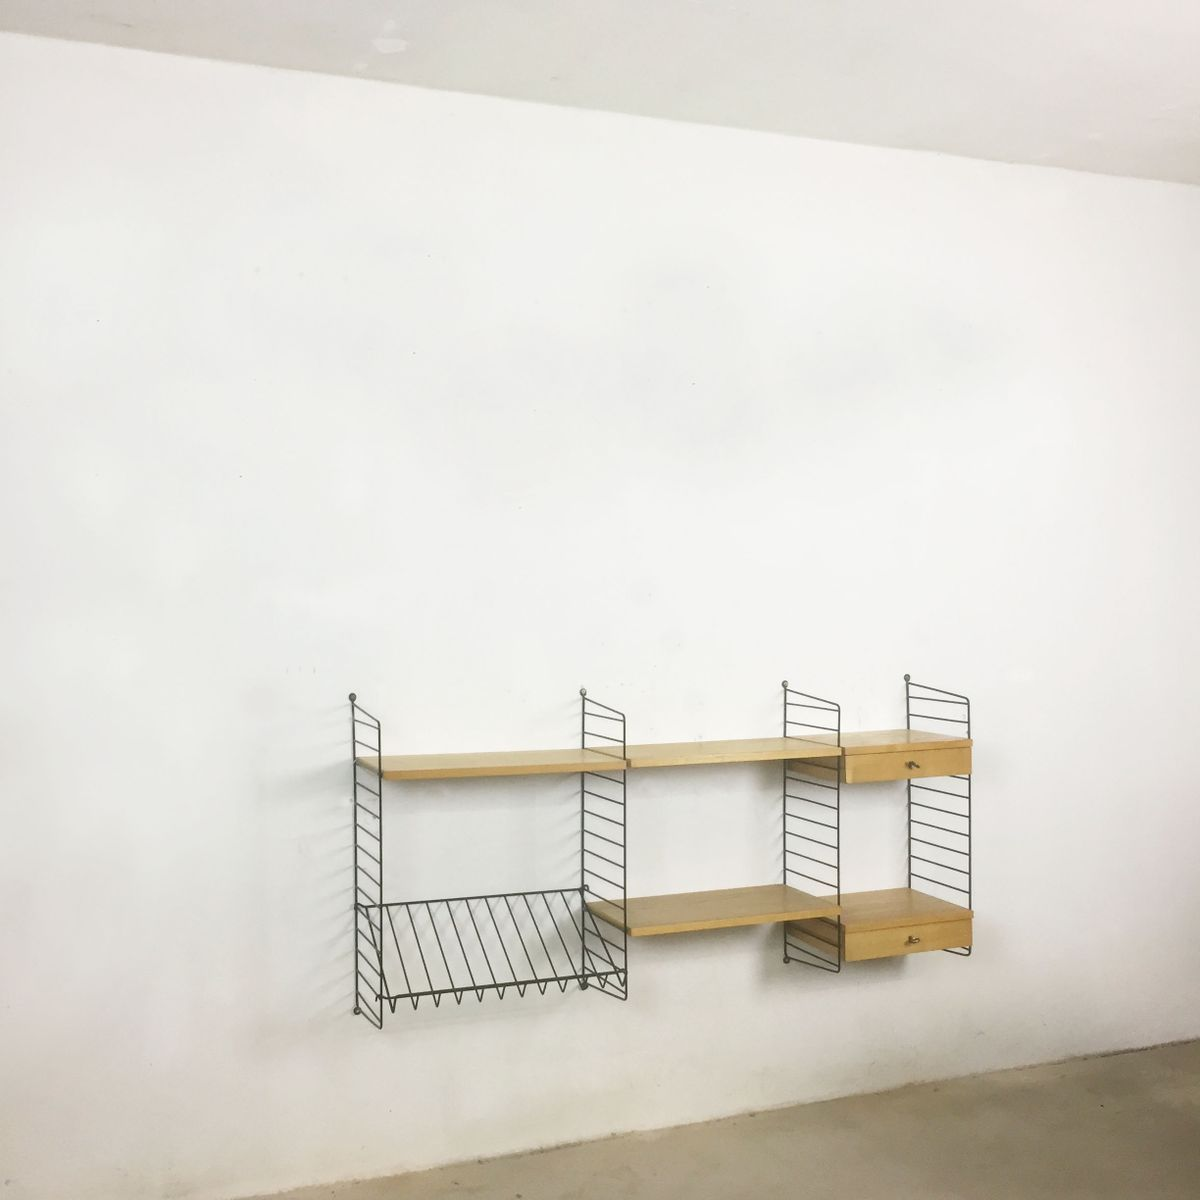 schwedisches wand regal system aus esche von nisse strinning f r string 1970er bei pamono kaufen. Black Bedroom Furniture Sets. Home Design Ideas